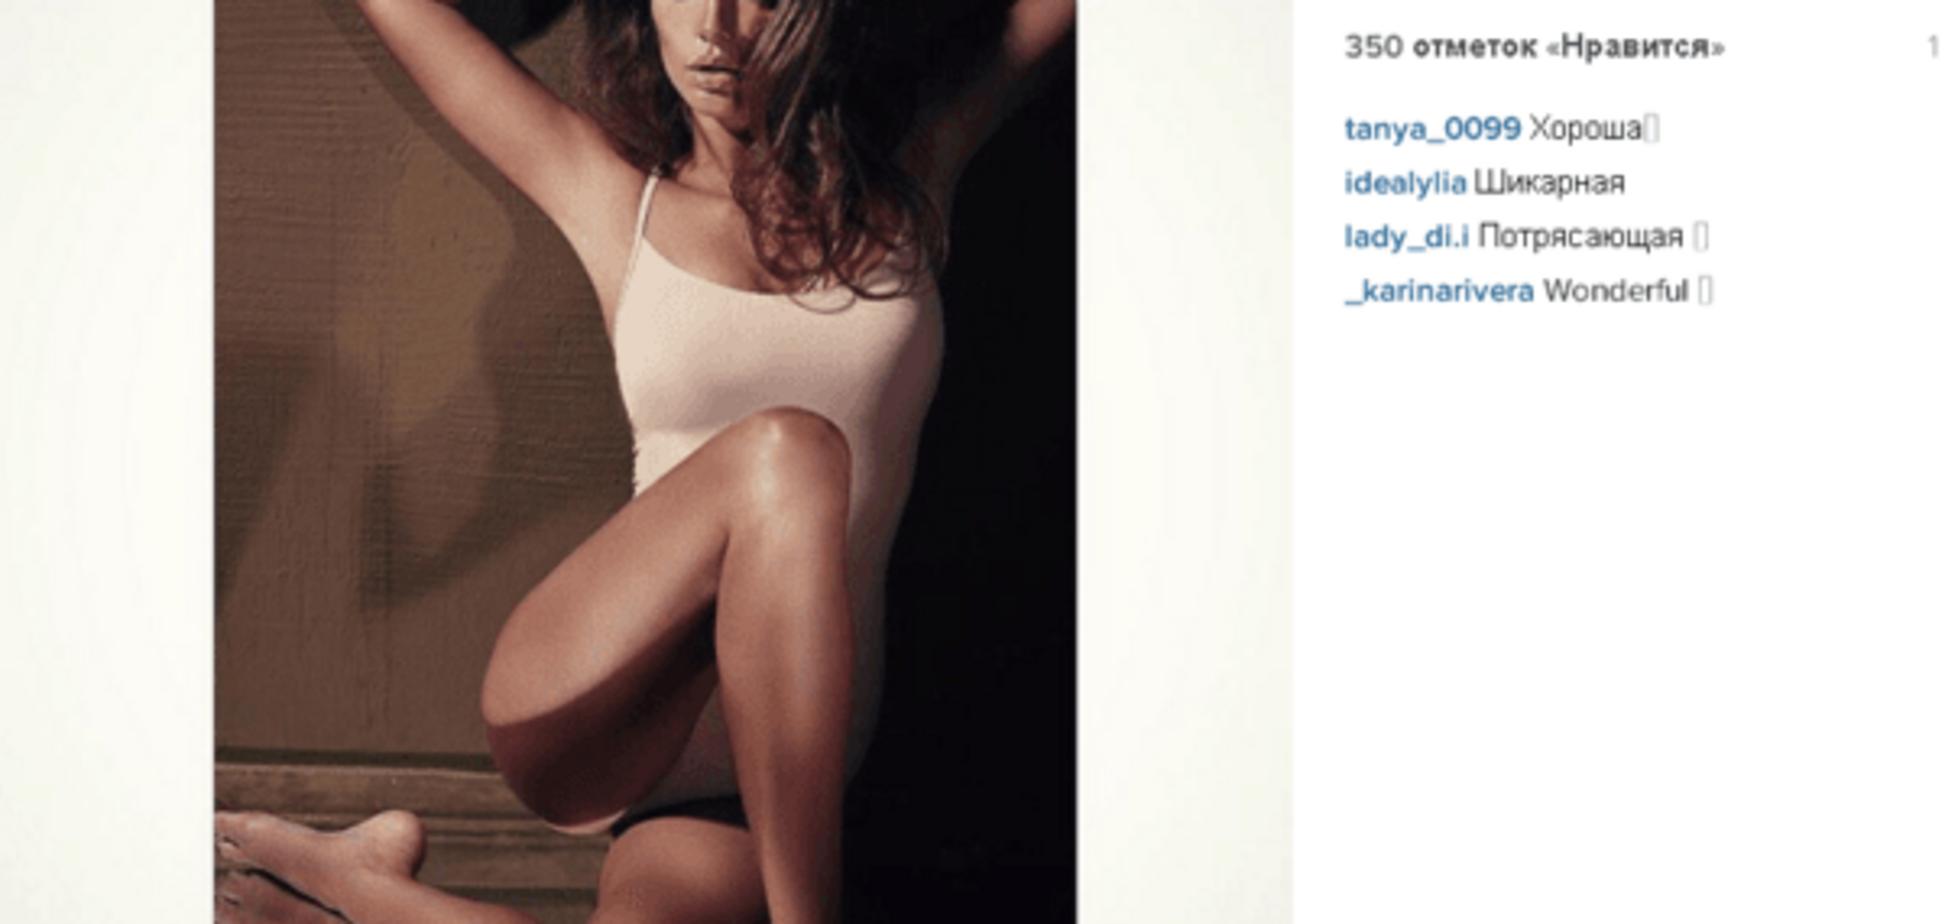 Жена футболиста сборной Украины похвасталась новым снимком соблазнительной фотосессии